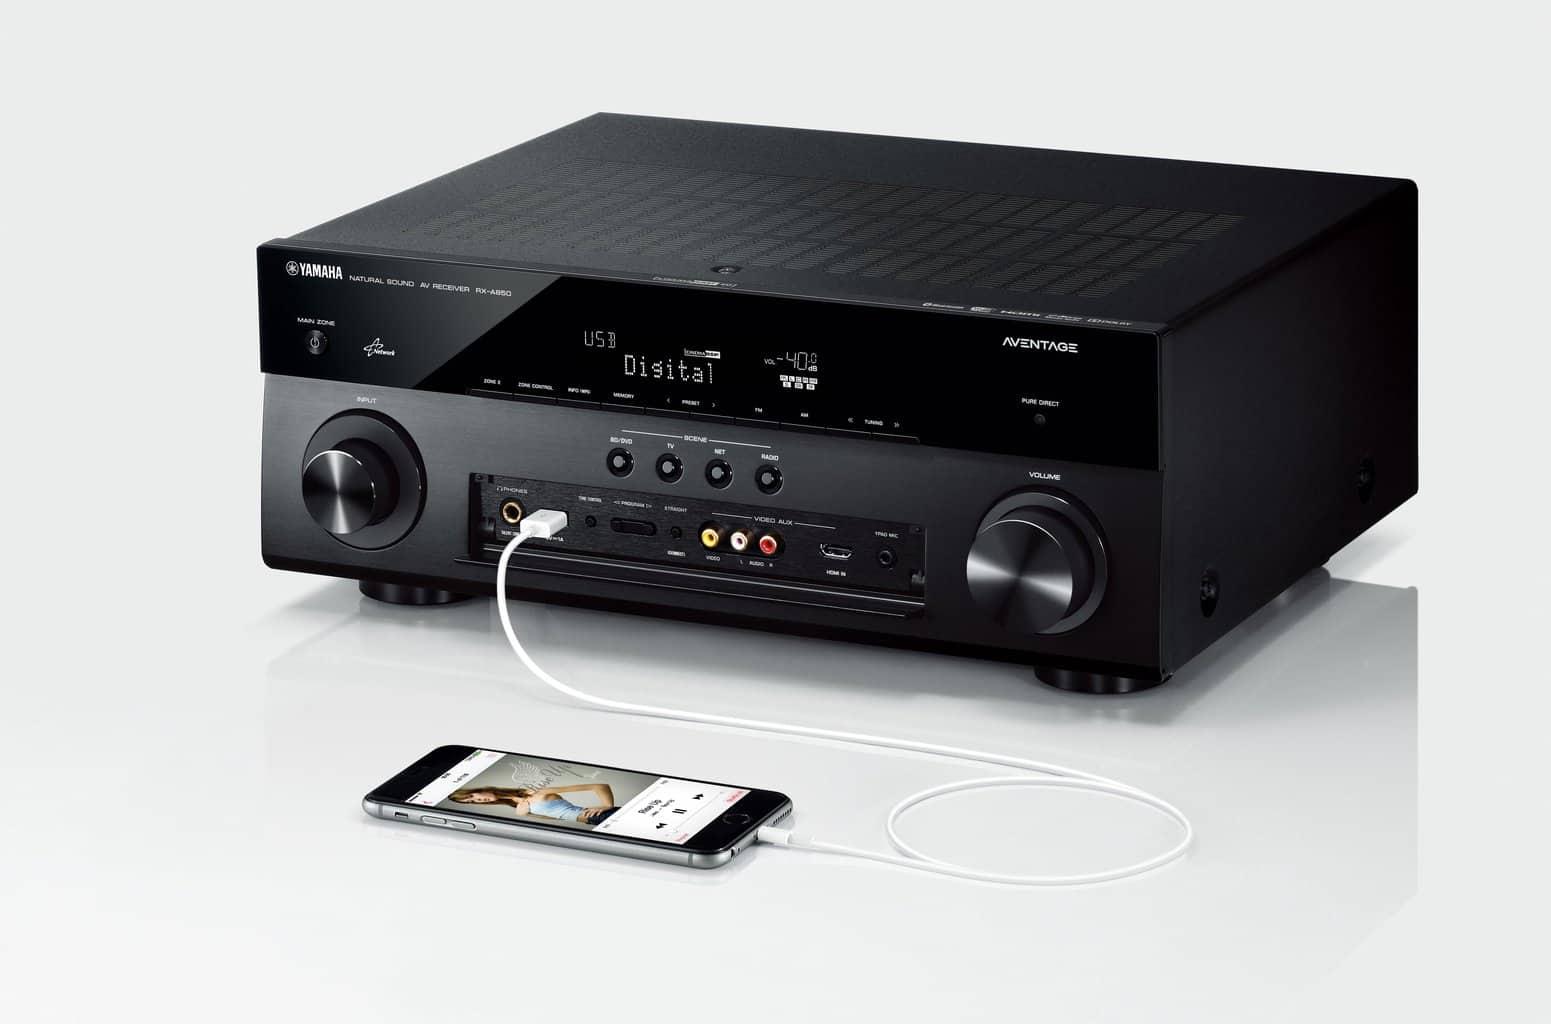 Yamaha RX-A3050 & RX-A2050